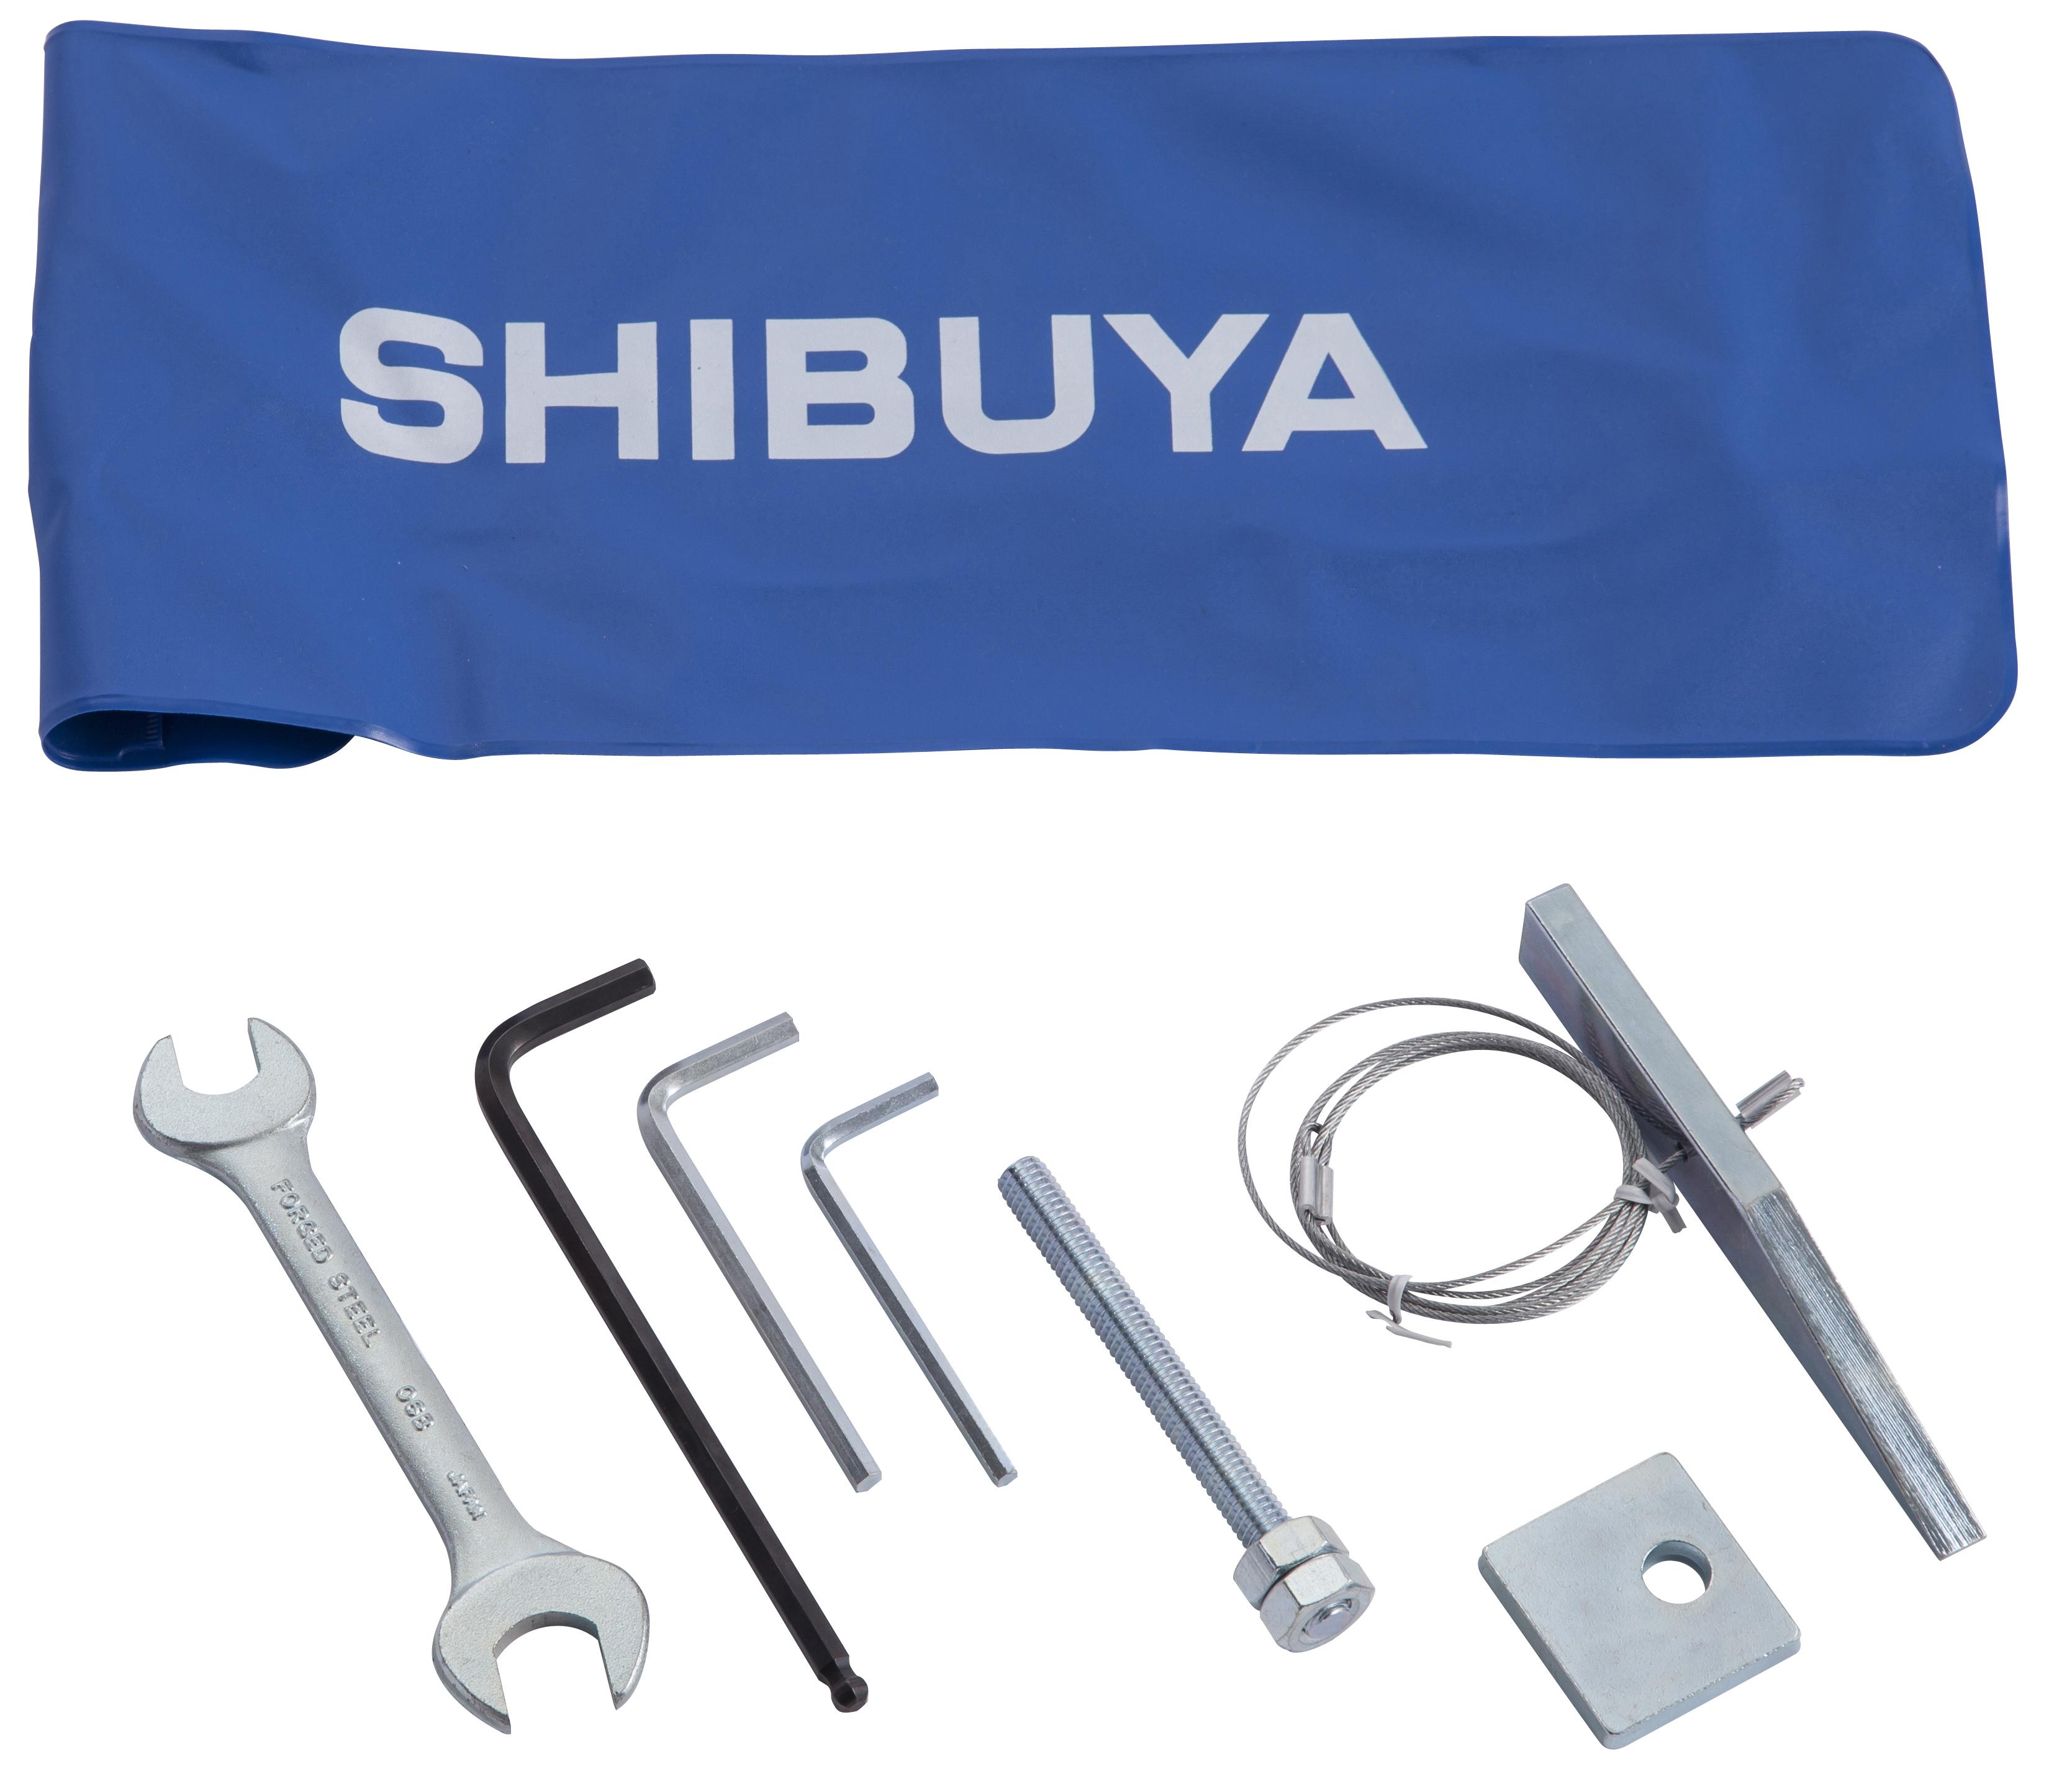 Комплект инструмента для SHIBUYA TS-163